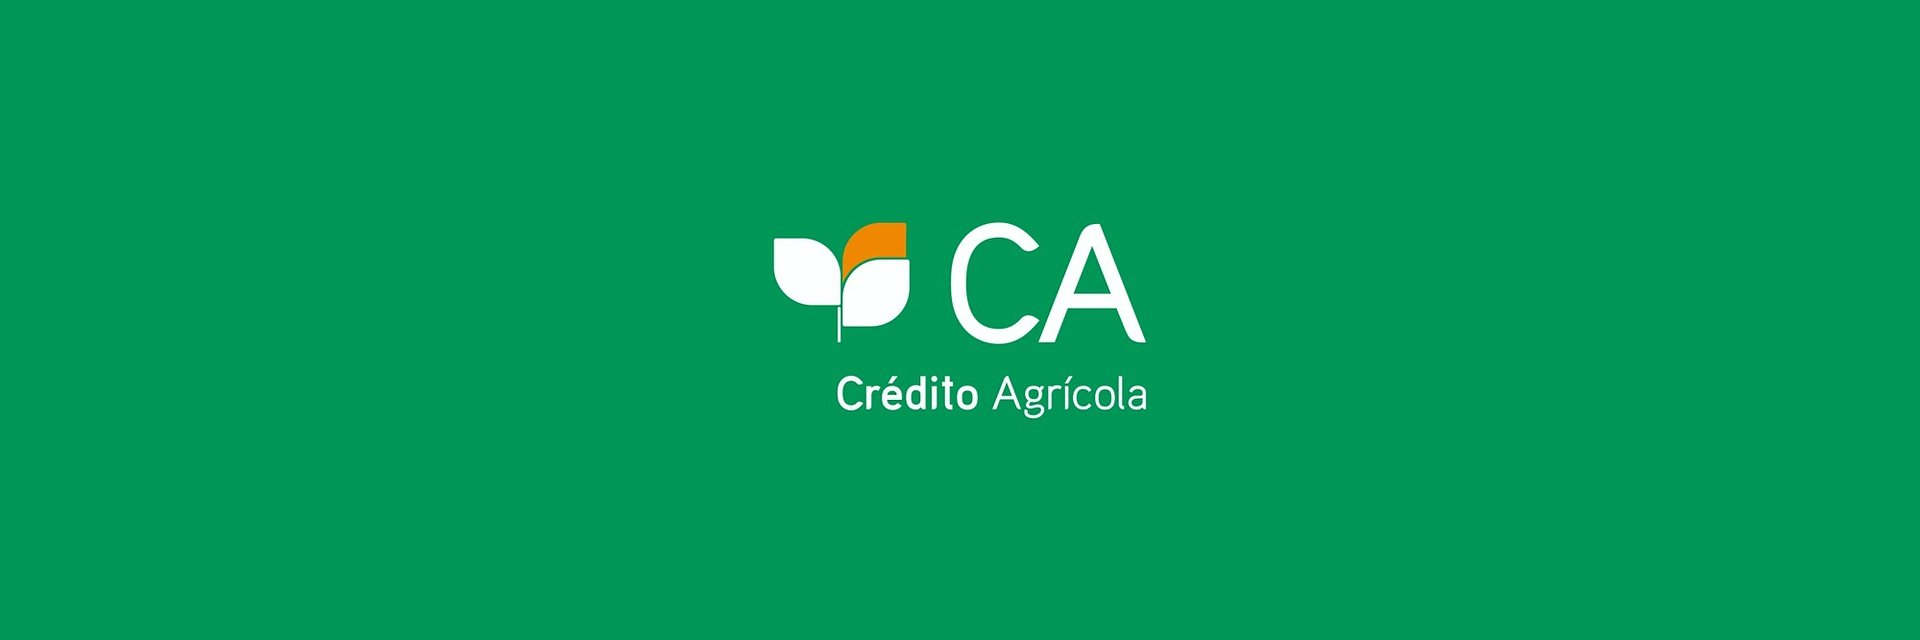 Crédito Agrícola anuncia moratórias para apoiar Particulares e Empresas